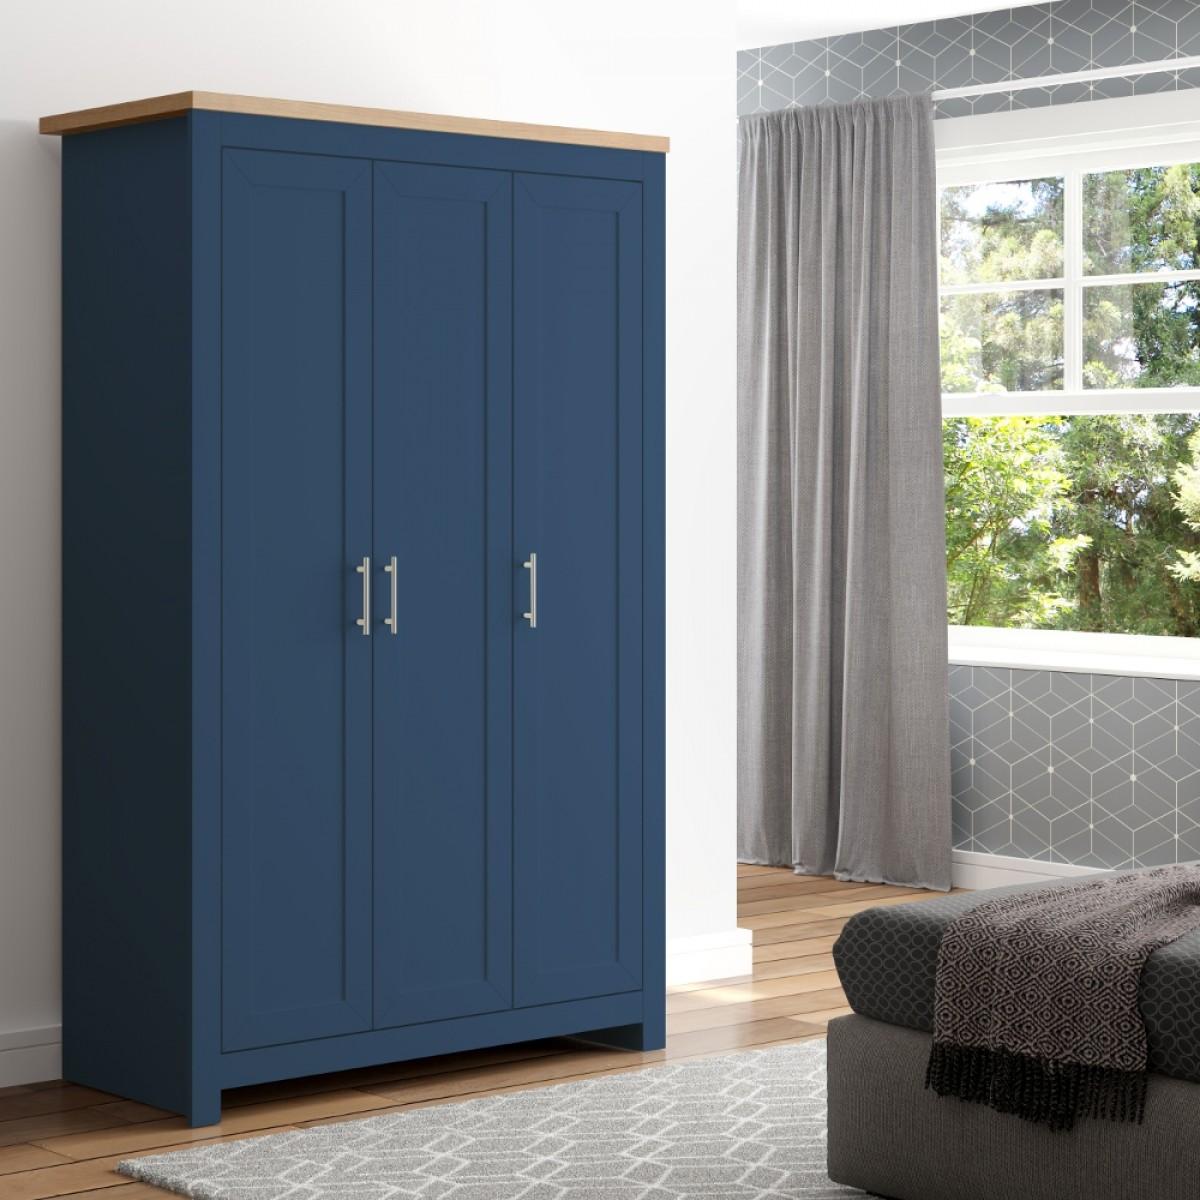 Winchester Navy Blue and Oak Wooden 3 Door Wardrobe